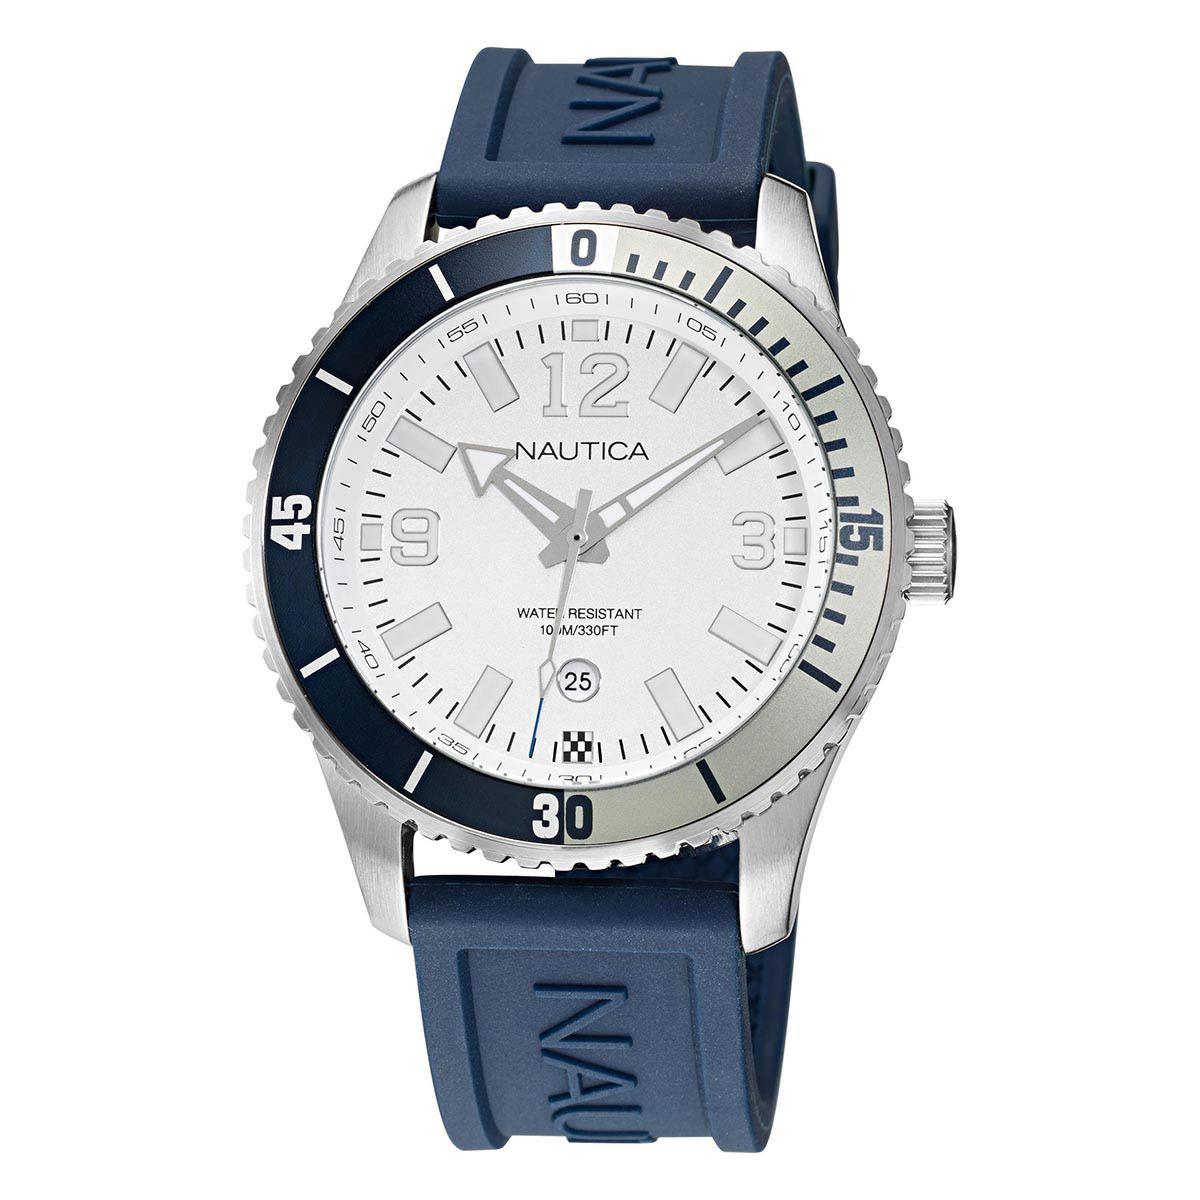 Reloj Nautica NAPPBS163 azul para caballero